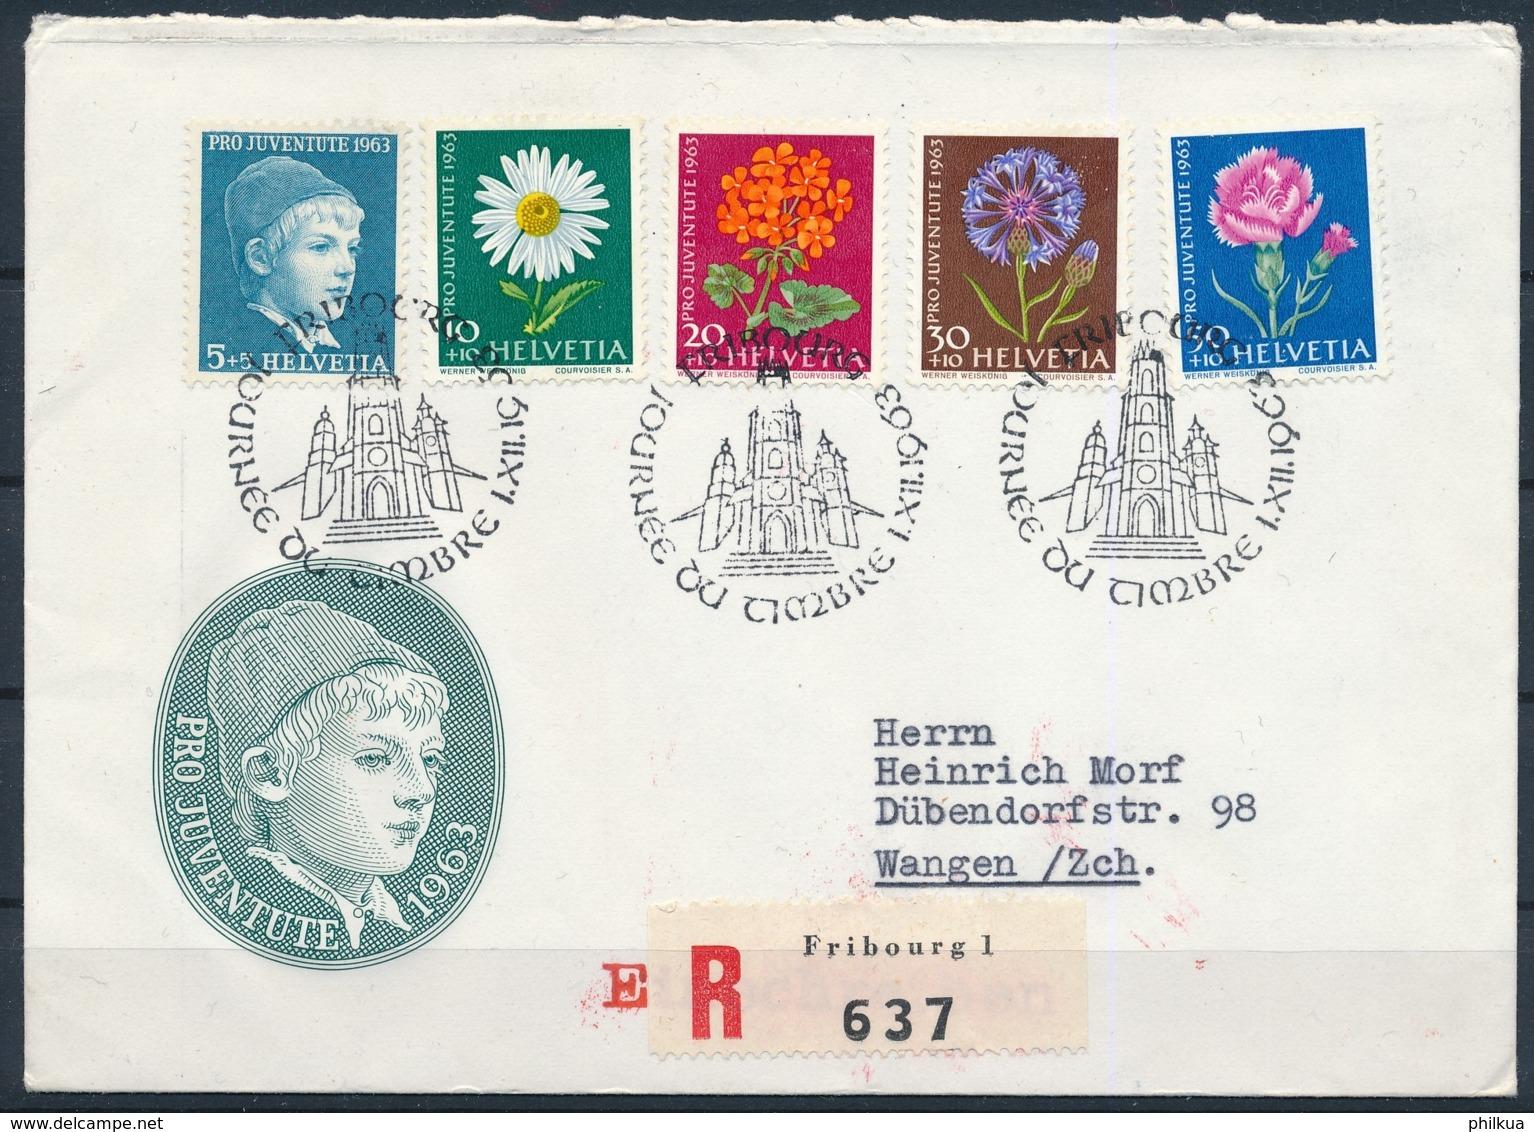 1963 JOURNÉE DU TIMBRE Mit Pro Juventute Frankatur - FRIBOURG - Pro Juventute